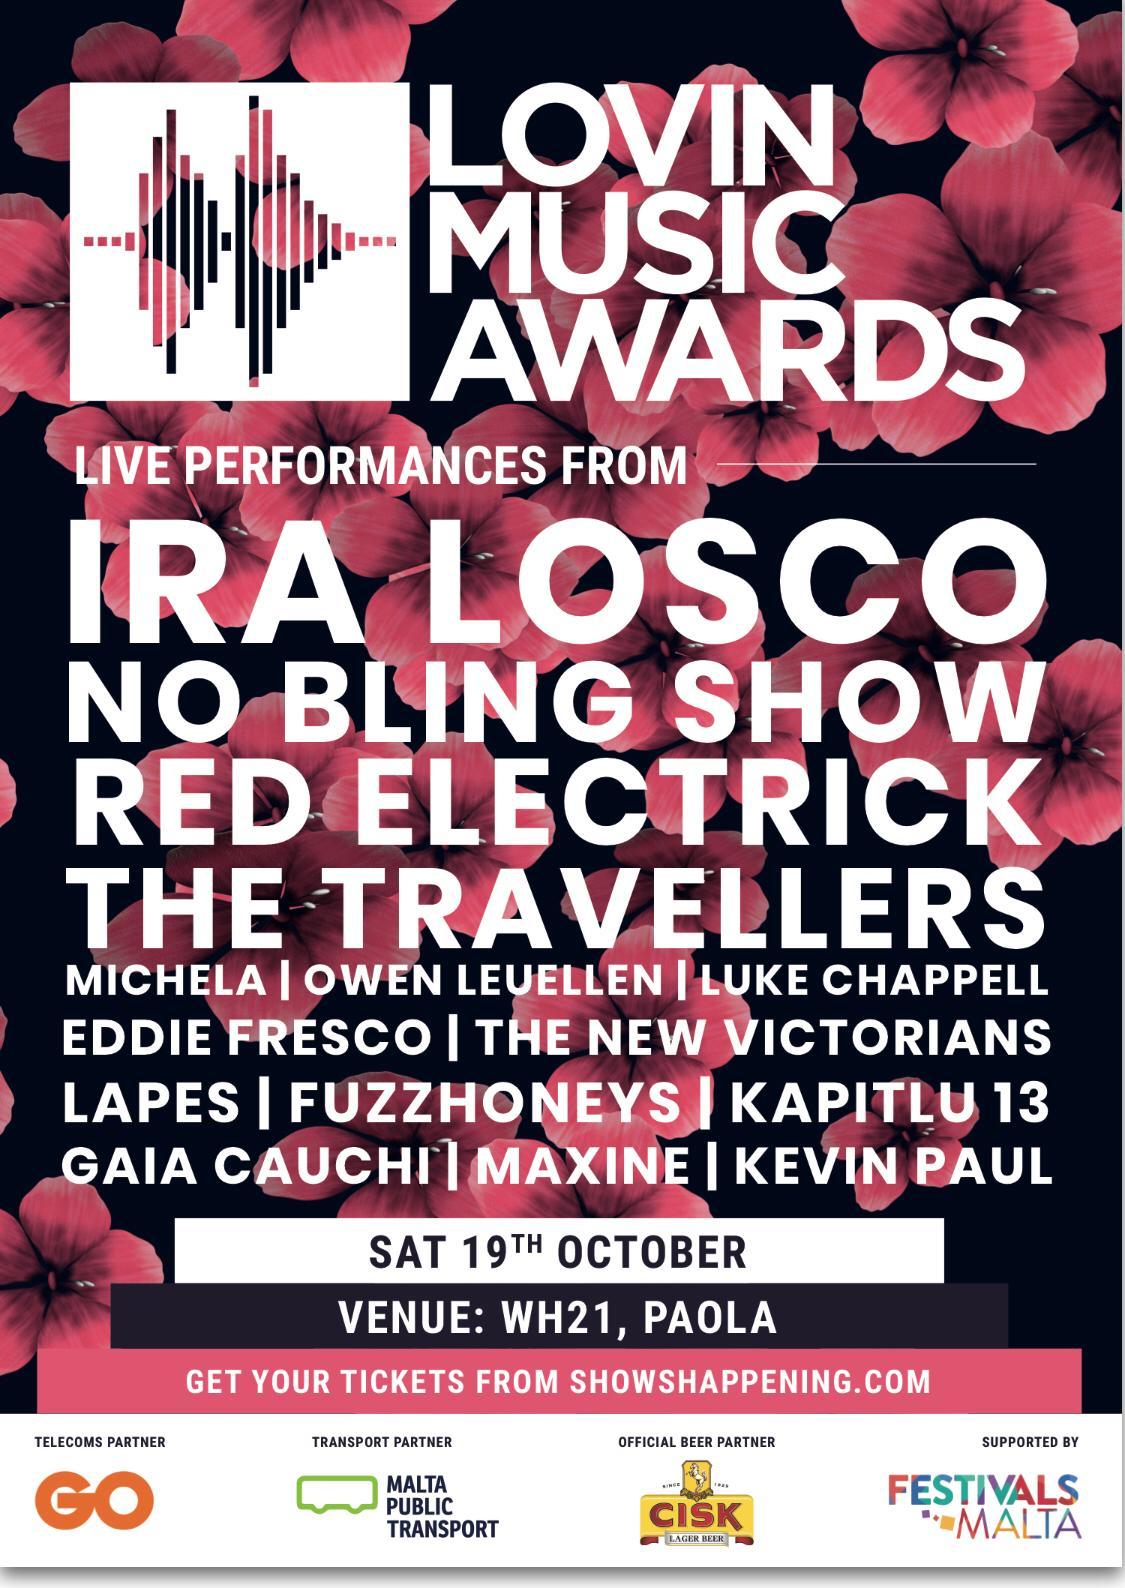 Lovin Music Awards flyer